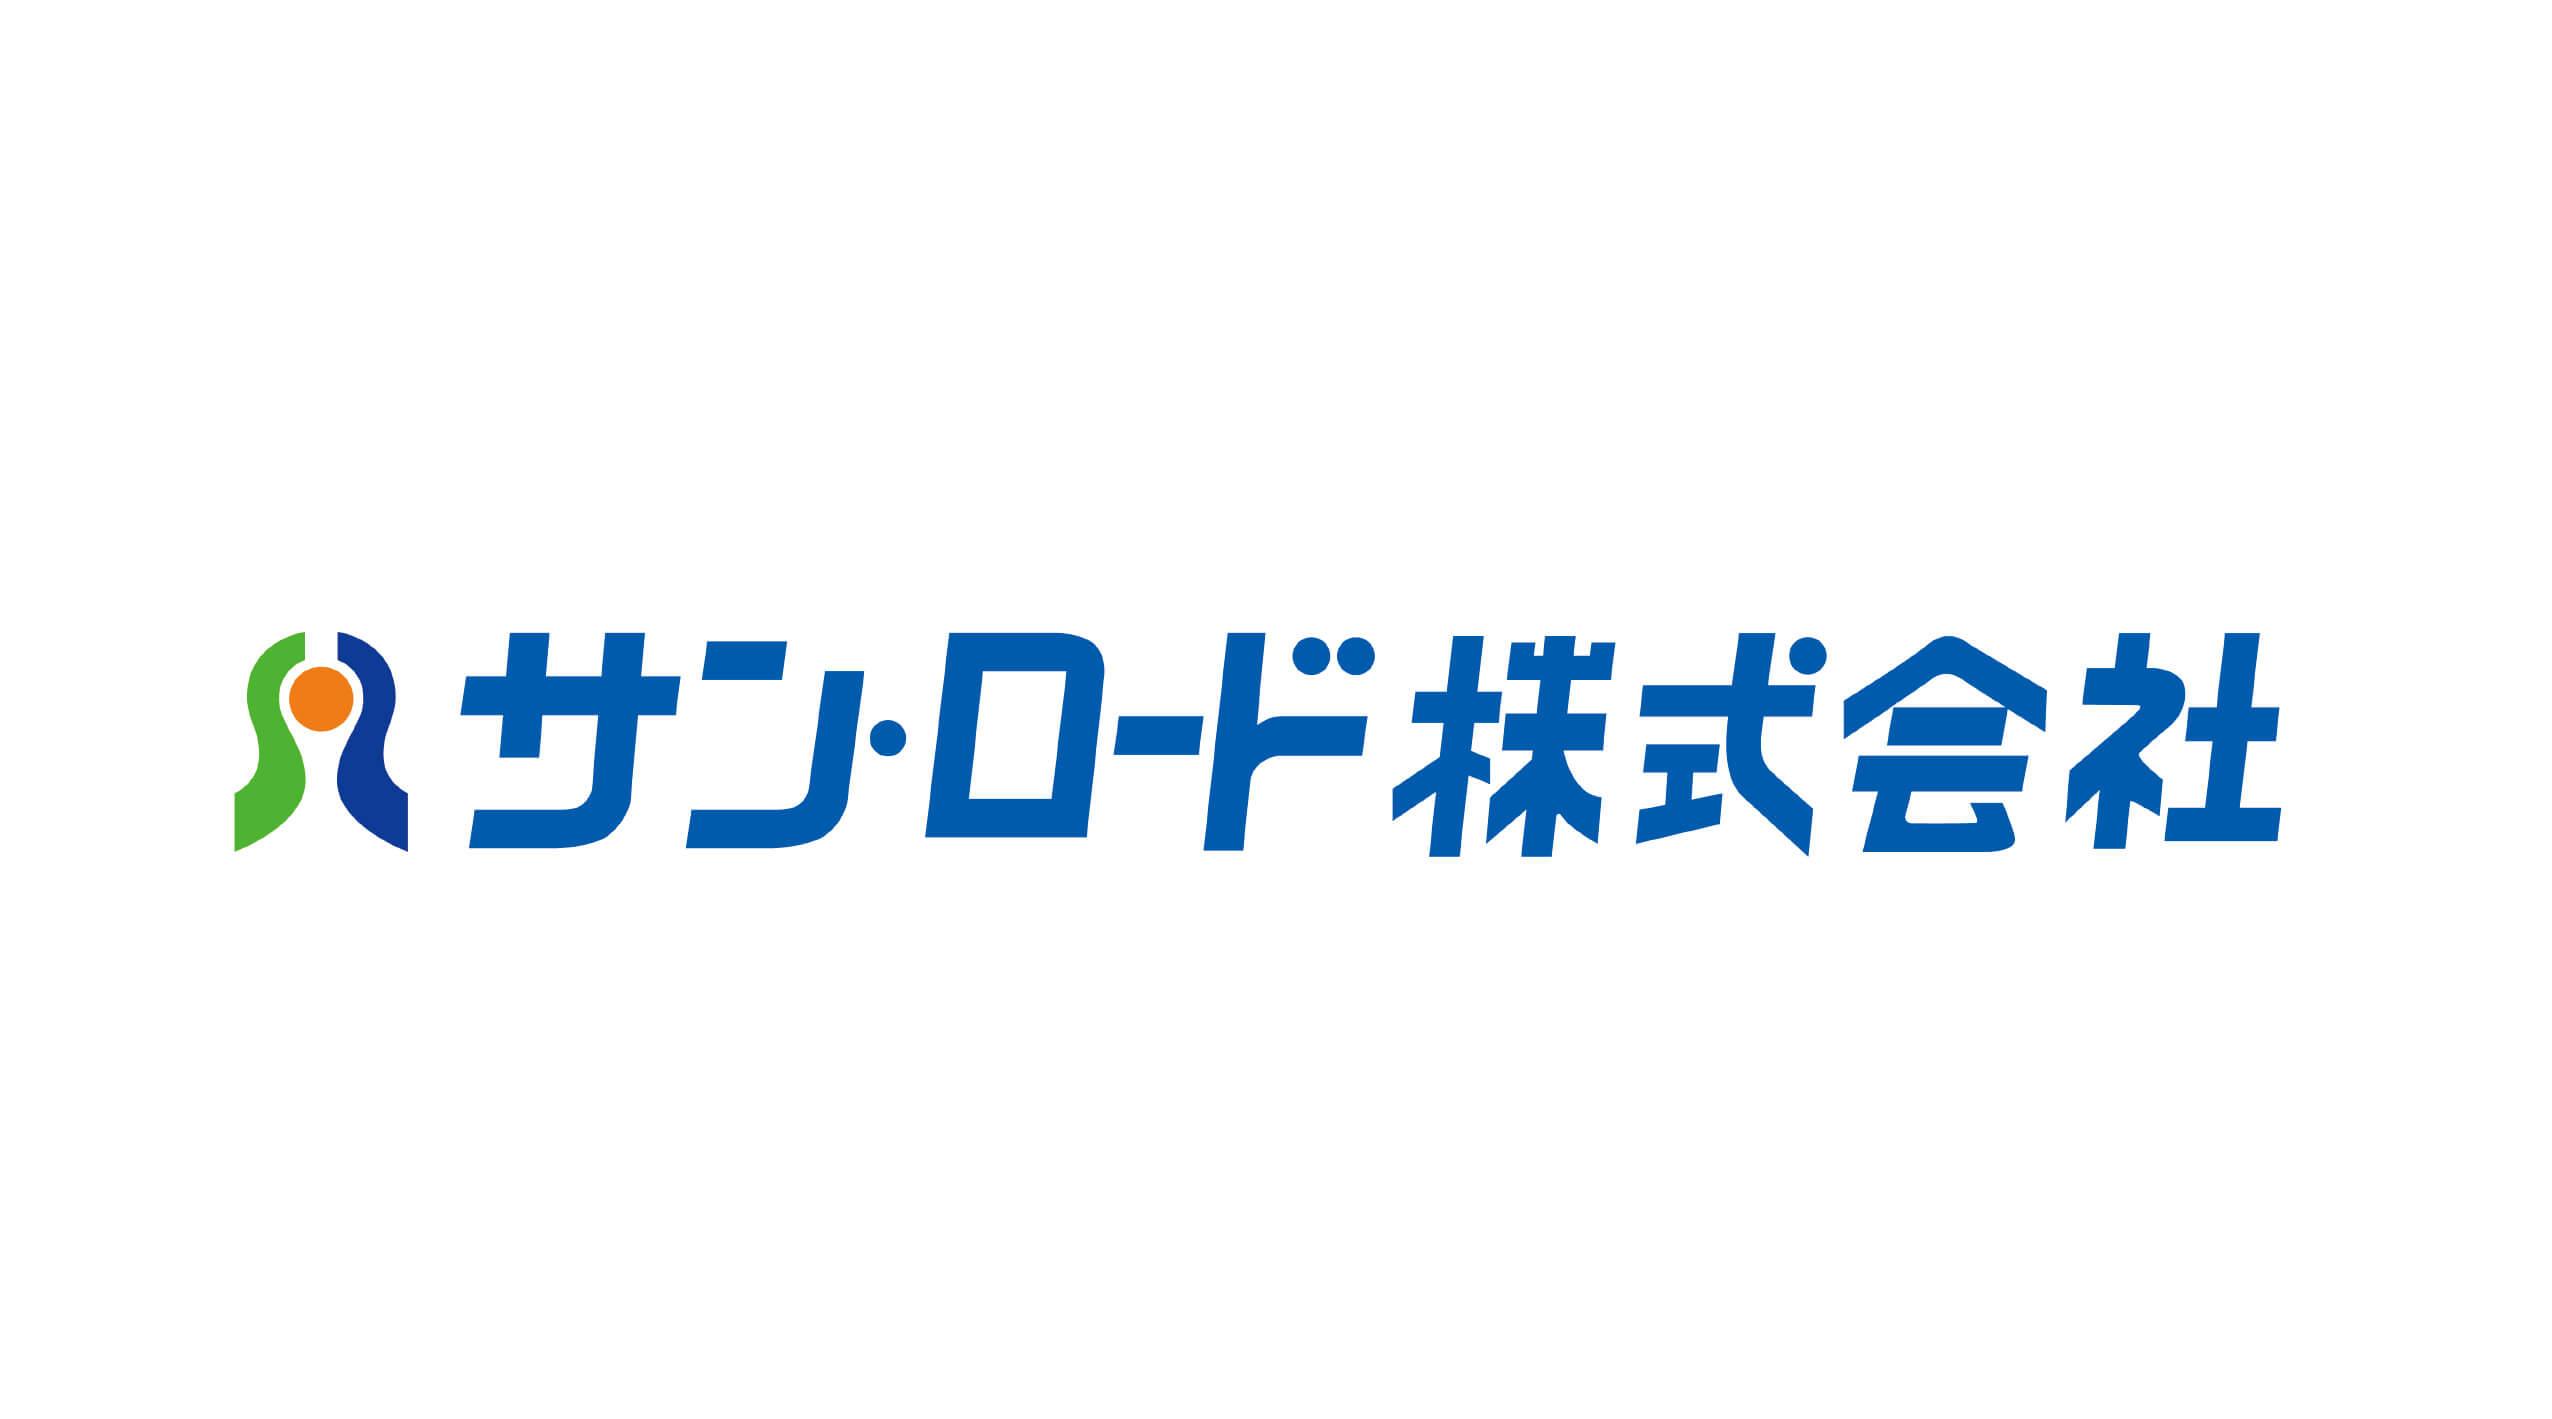 サンロード株式会社